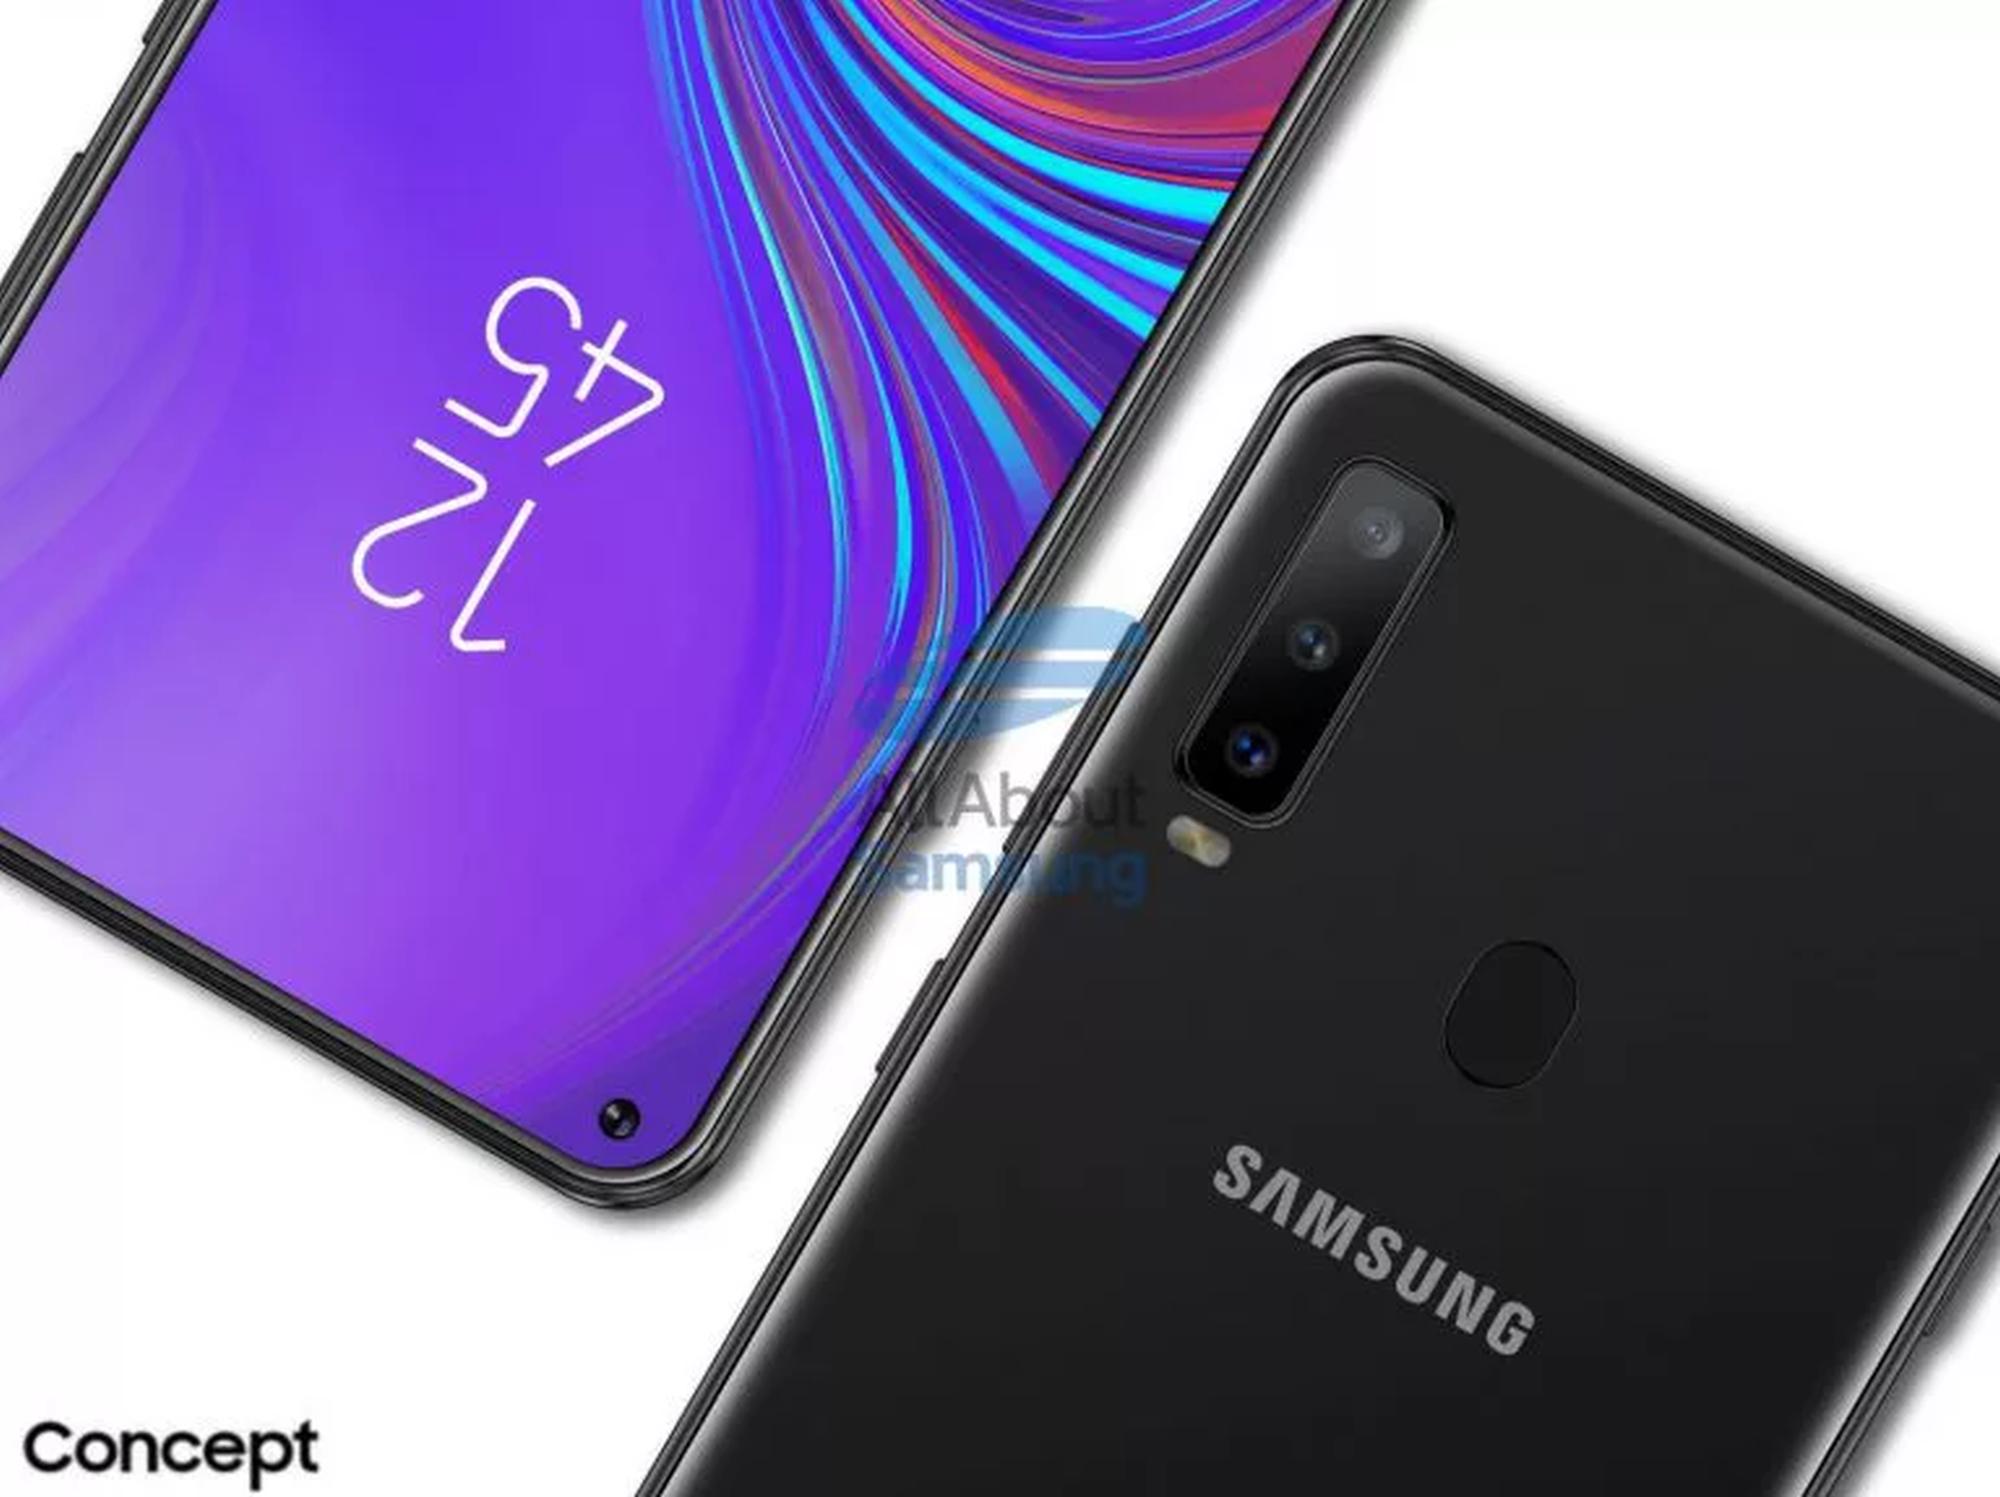 Galaxy A8s